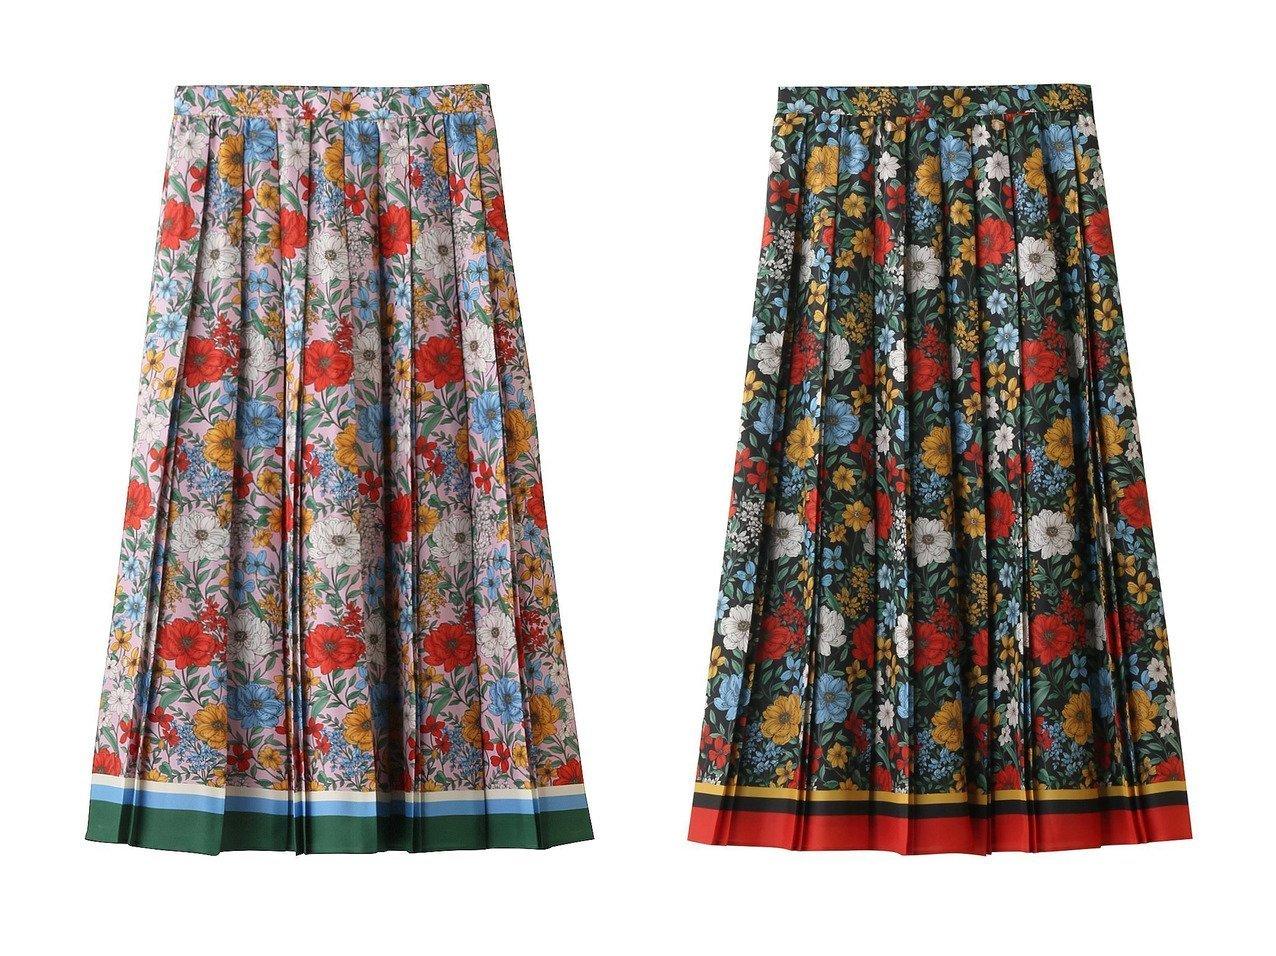 【allureville/アルアバイル】の【Loulou Willoughby】ボタニカルパネルフラワースカート 【スカート】おすすめ!人気、トレンド・レディースファッションの通販 おすすめで人気の流行・トレンド、ファッションの通販商品 インテリア・家具・メンズファッション・キッズファッション・レディースファッション・服の通販 founy(ファニー) https://founy.com/ ファッション Fashion レディースファッション WOMEN スカート Skirt ロングスカート Long Skirt おすすめ Recommend セットアップ パーティ フラワー プリント プリーツ ロング |ID:crp329100000070667